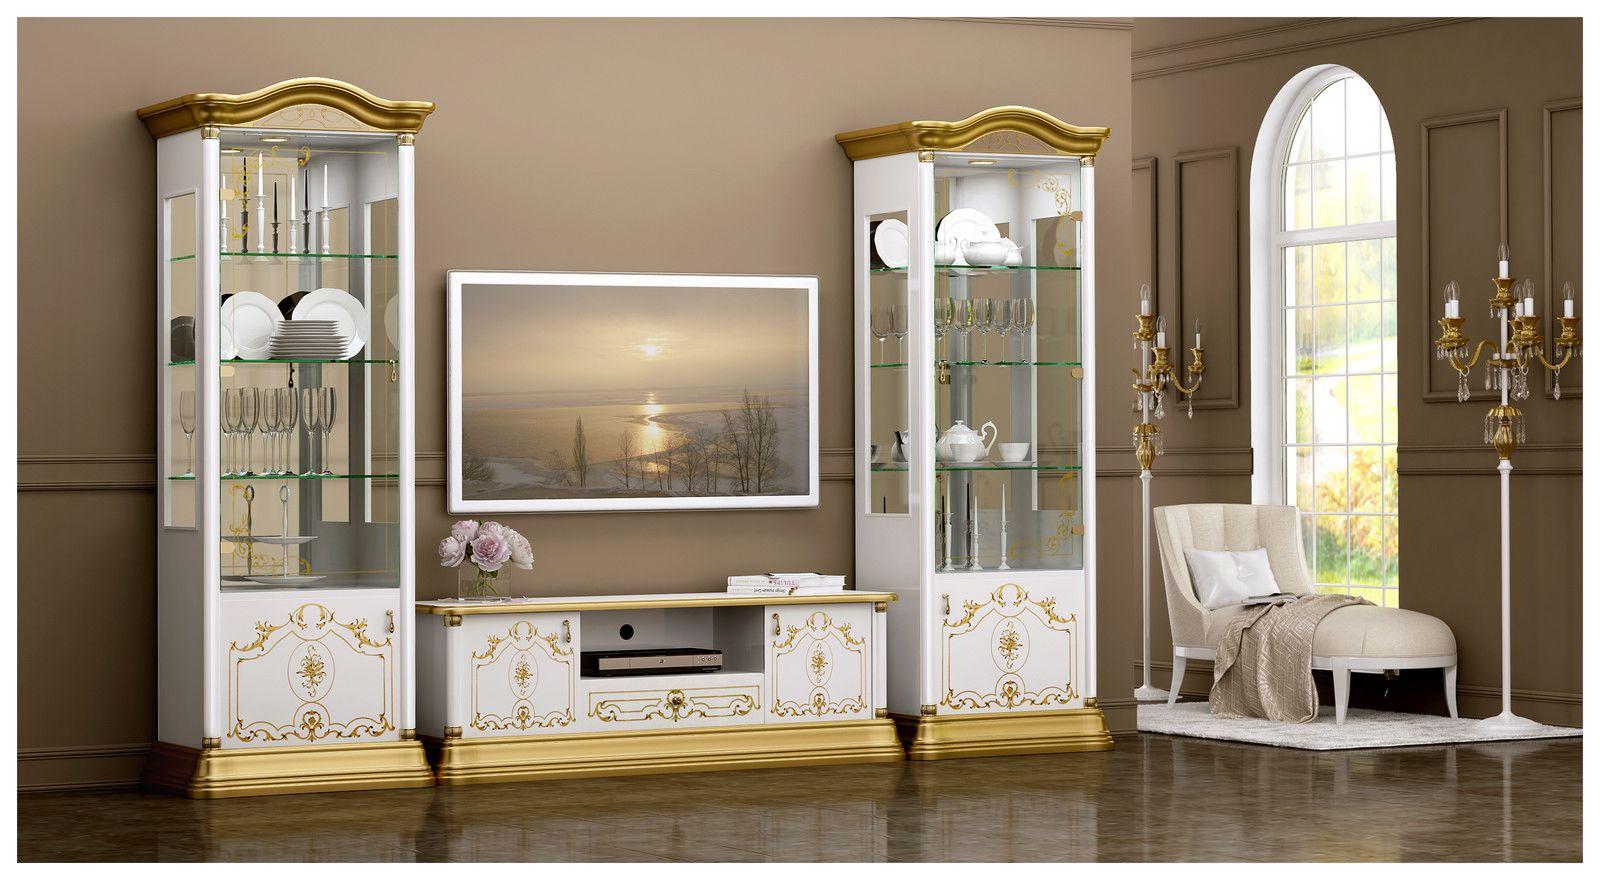 Barock Wohnwand Rosa In Weiss/Gold Bringt Aussergewöhnliche Abwechslung In  Ihr Wohnzimmer. Besonderheiten Wie